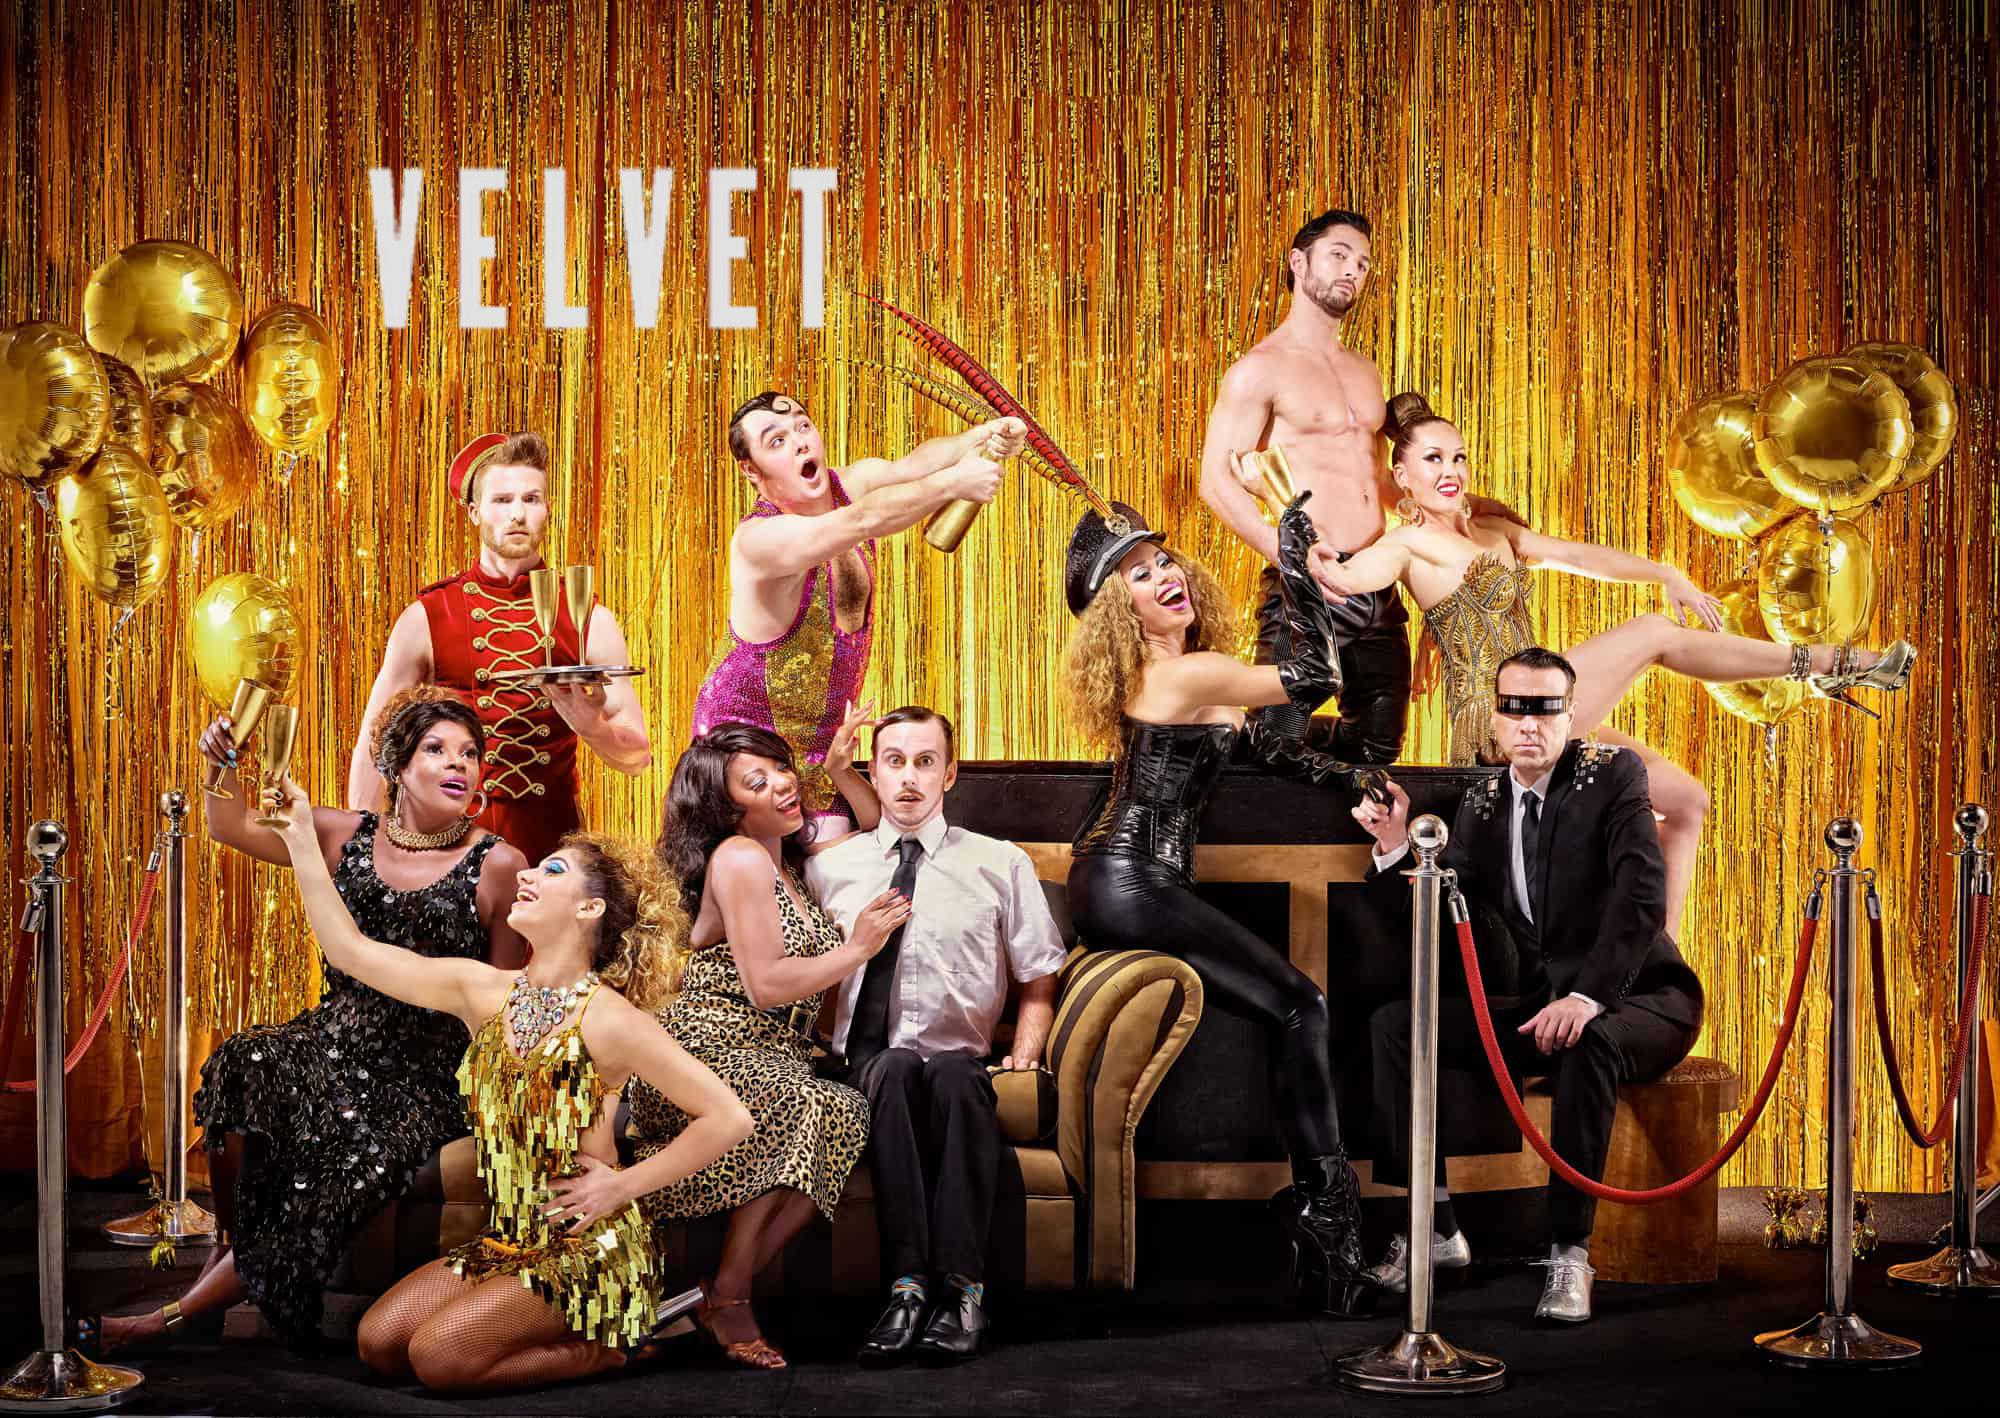 Velvet.png